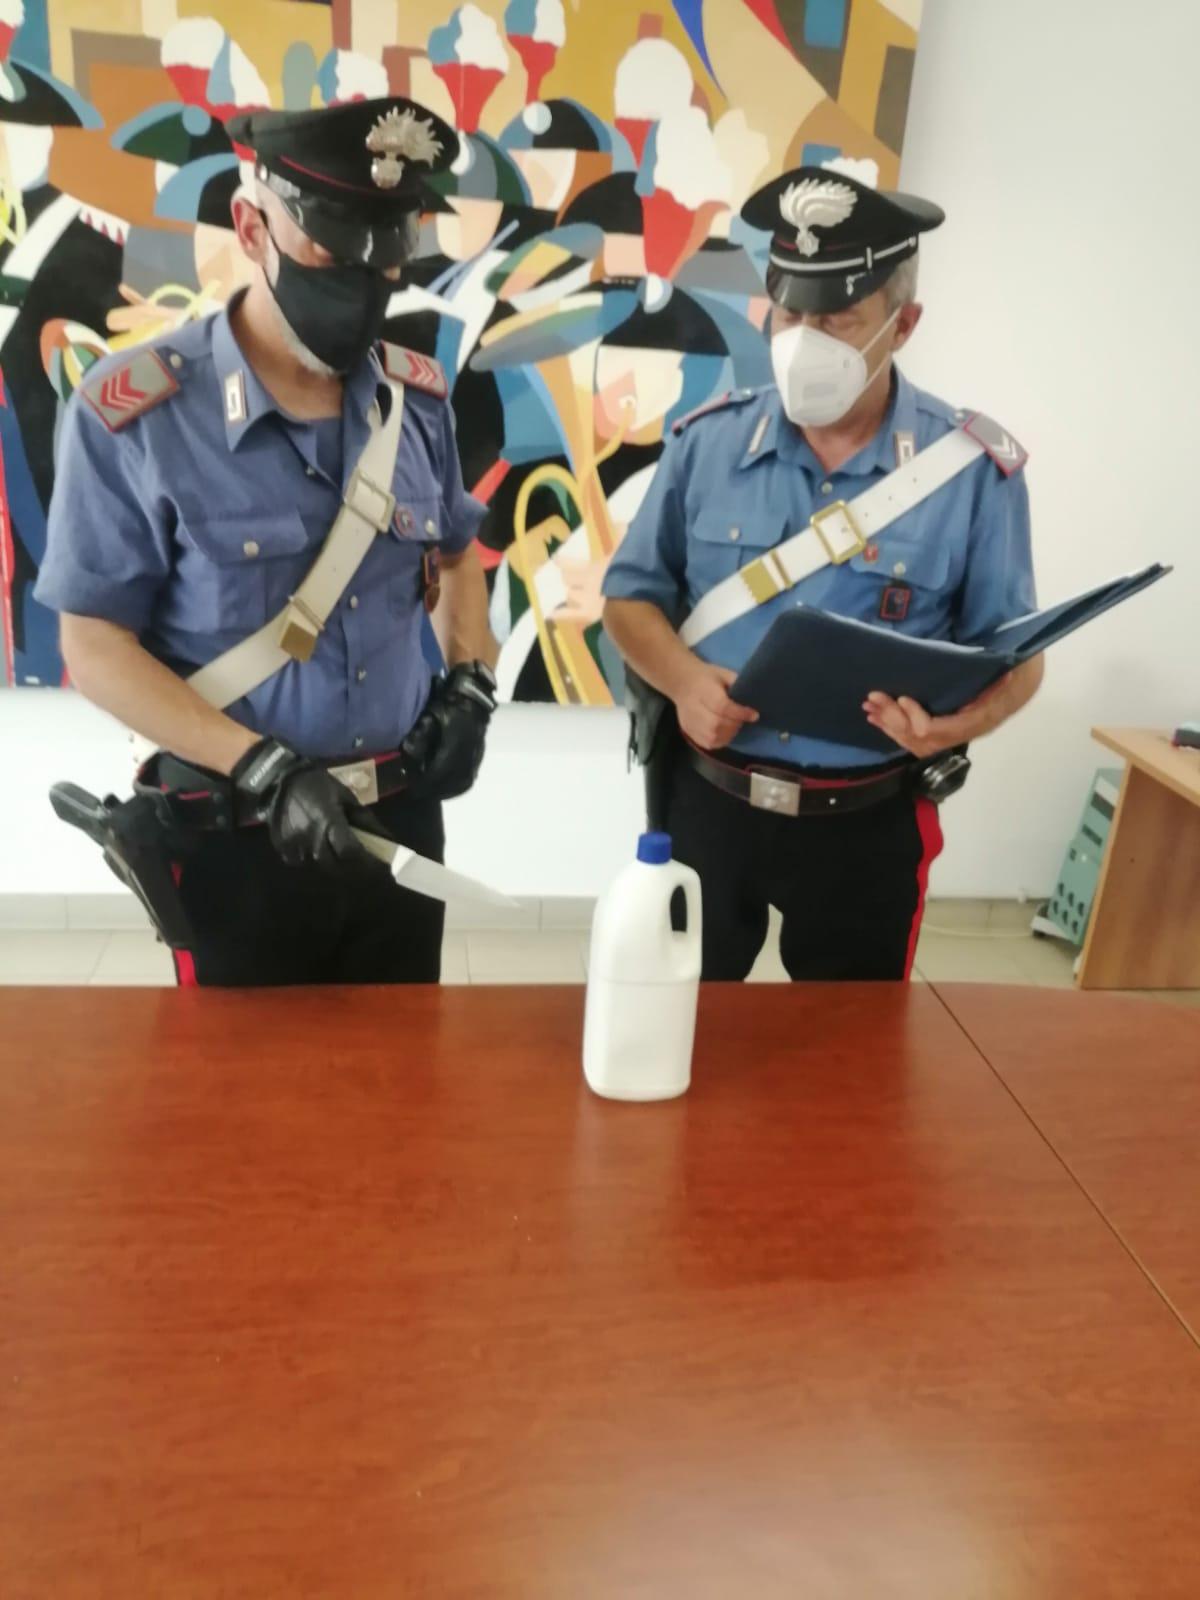 L'arma e la tanica sequestrate dai carabinieri di aprilia